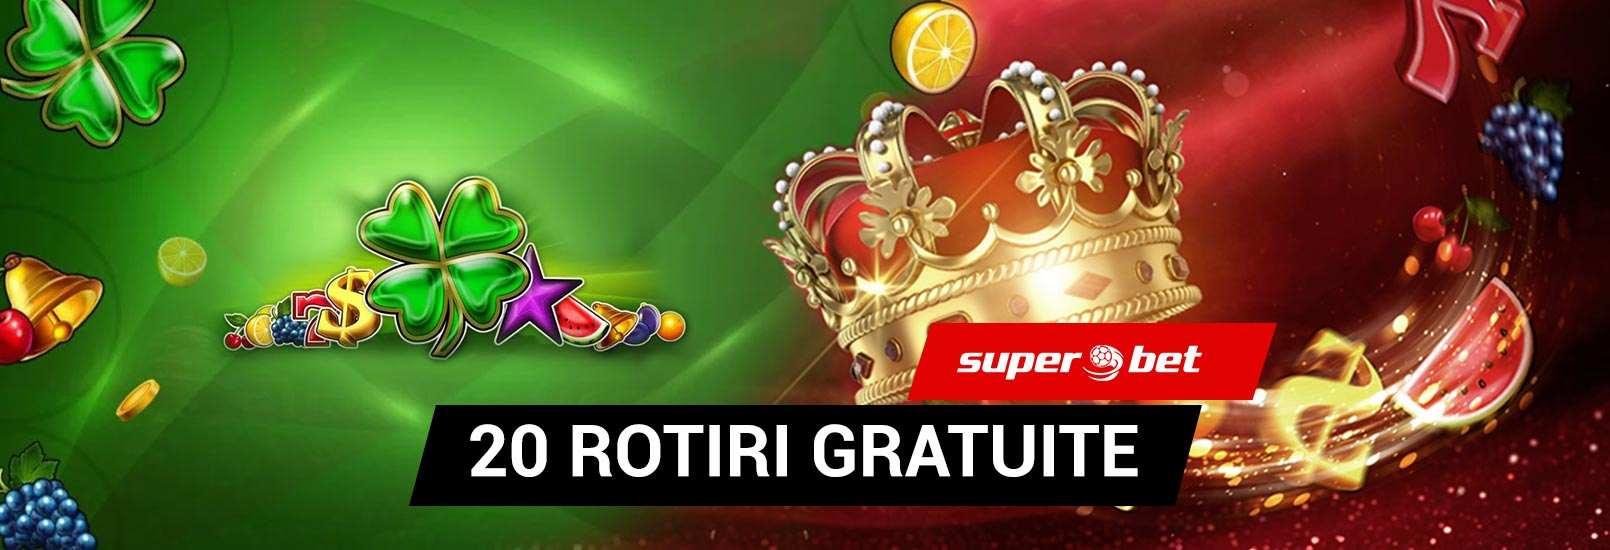 banner cu bonus 20 rotiri gratuite superbet